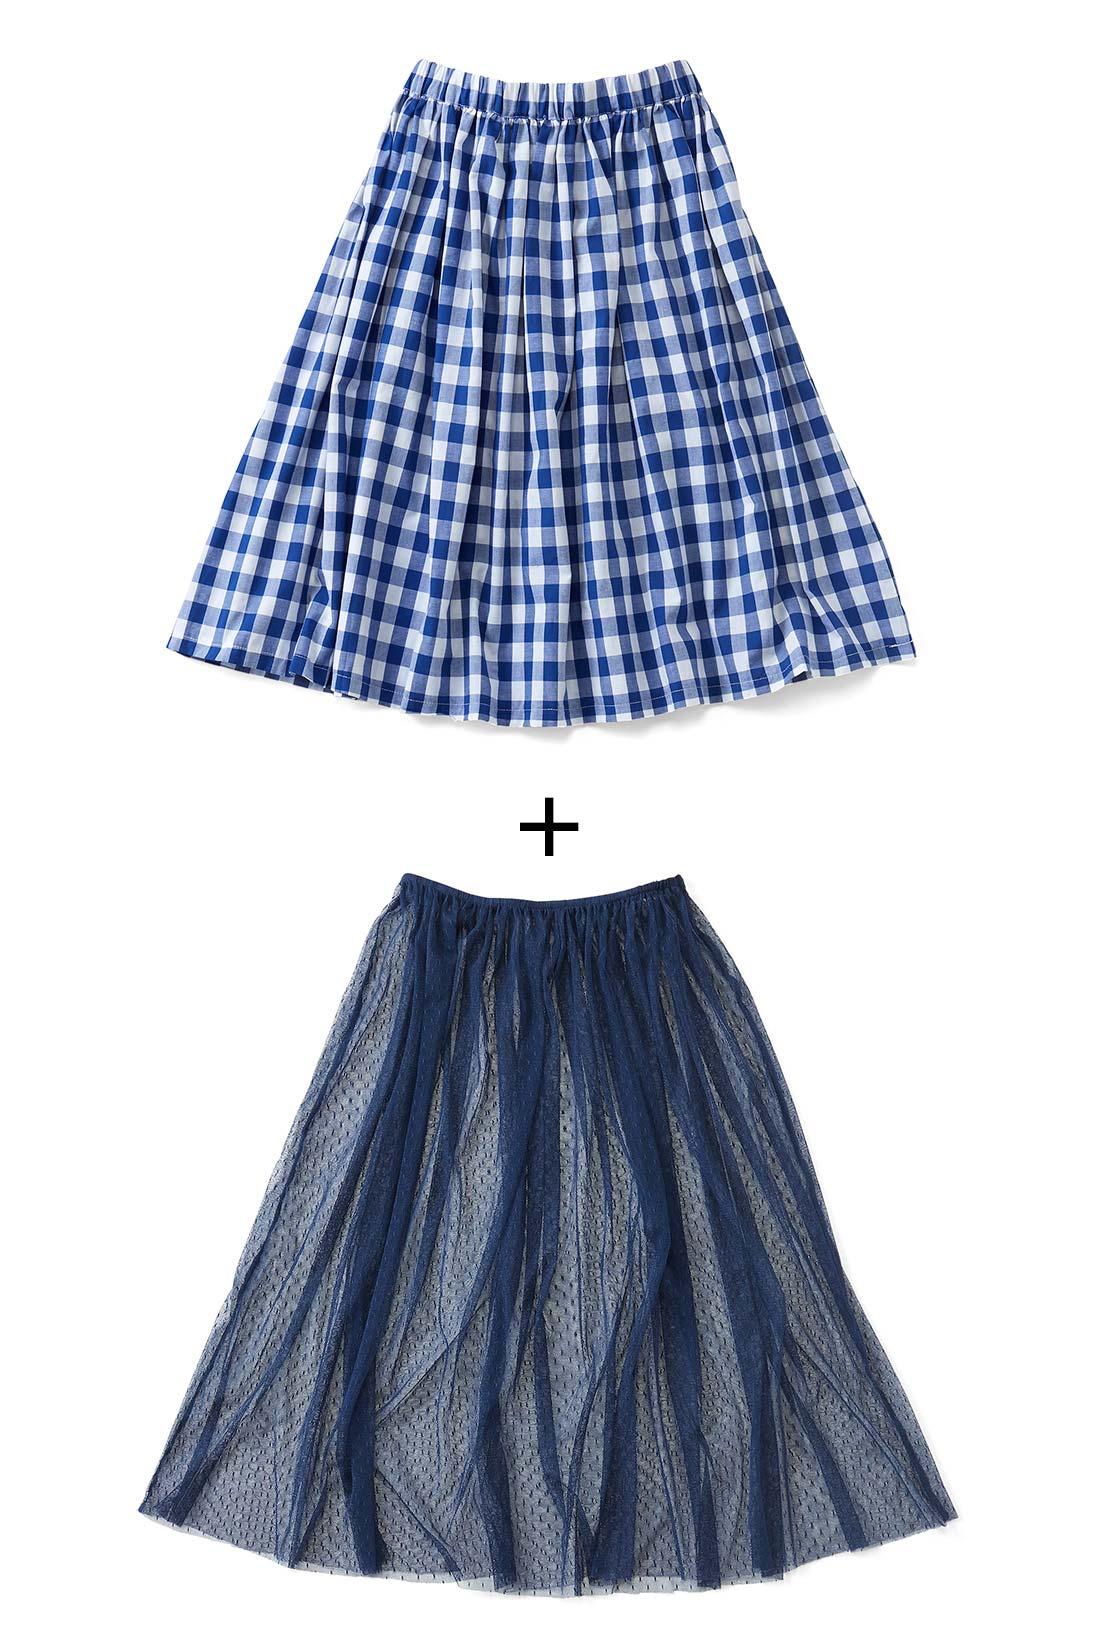 スカート2枚セット。1セットで3度おいしい!